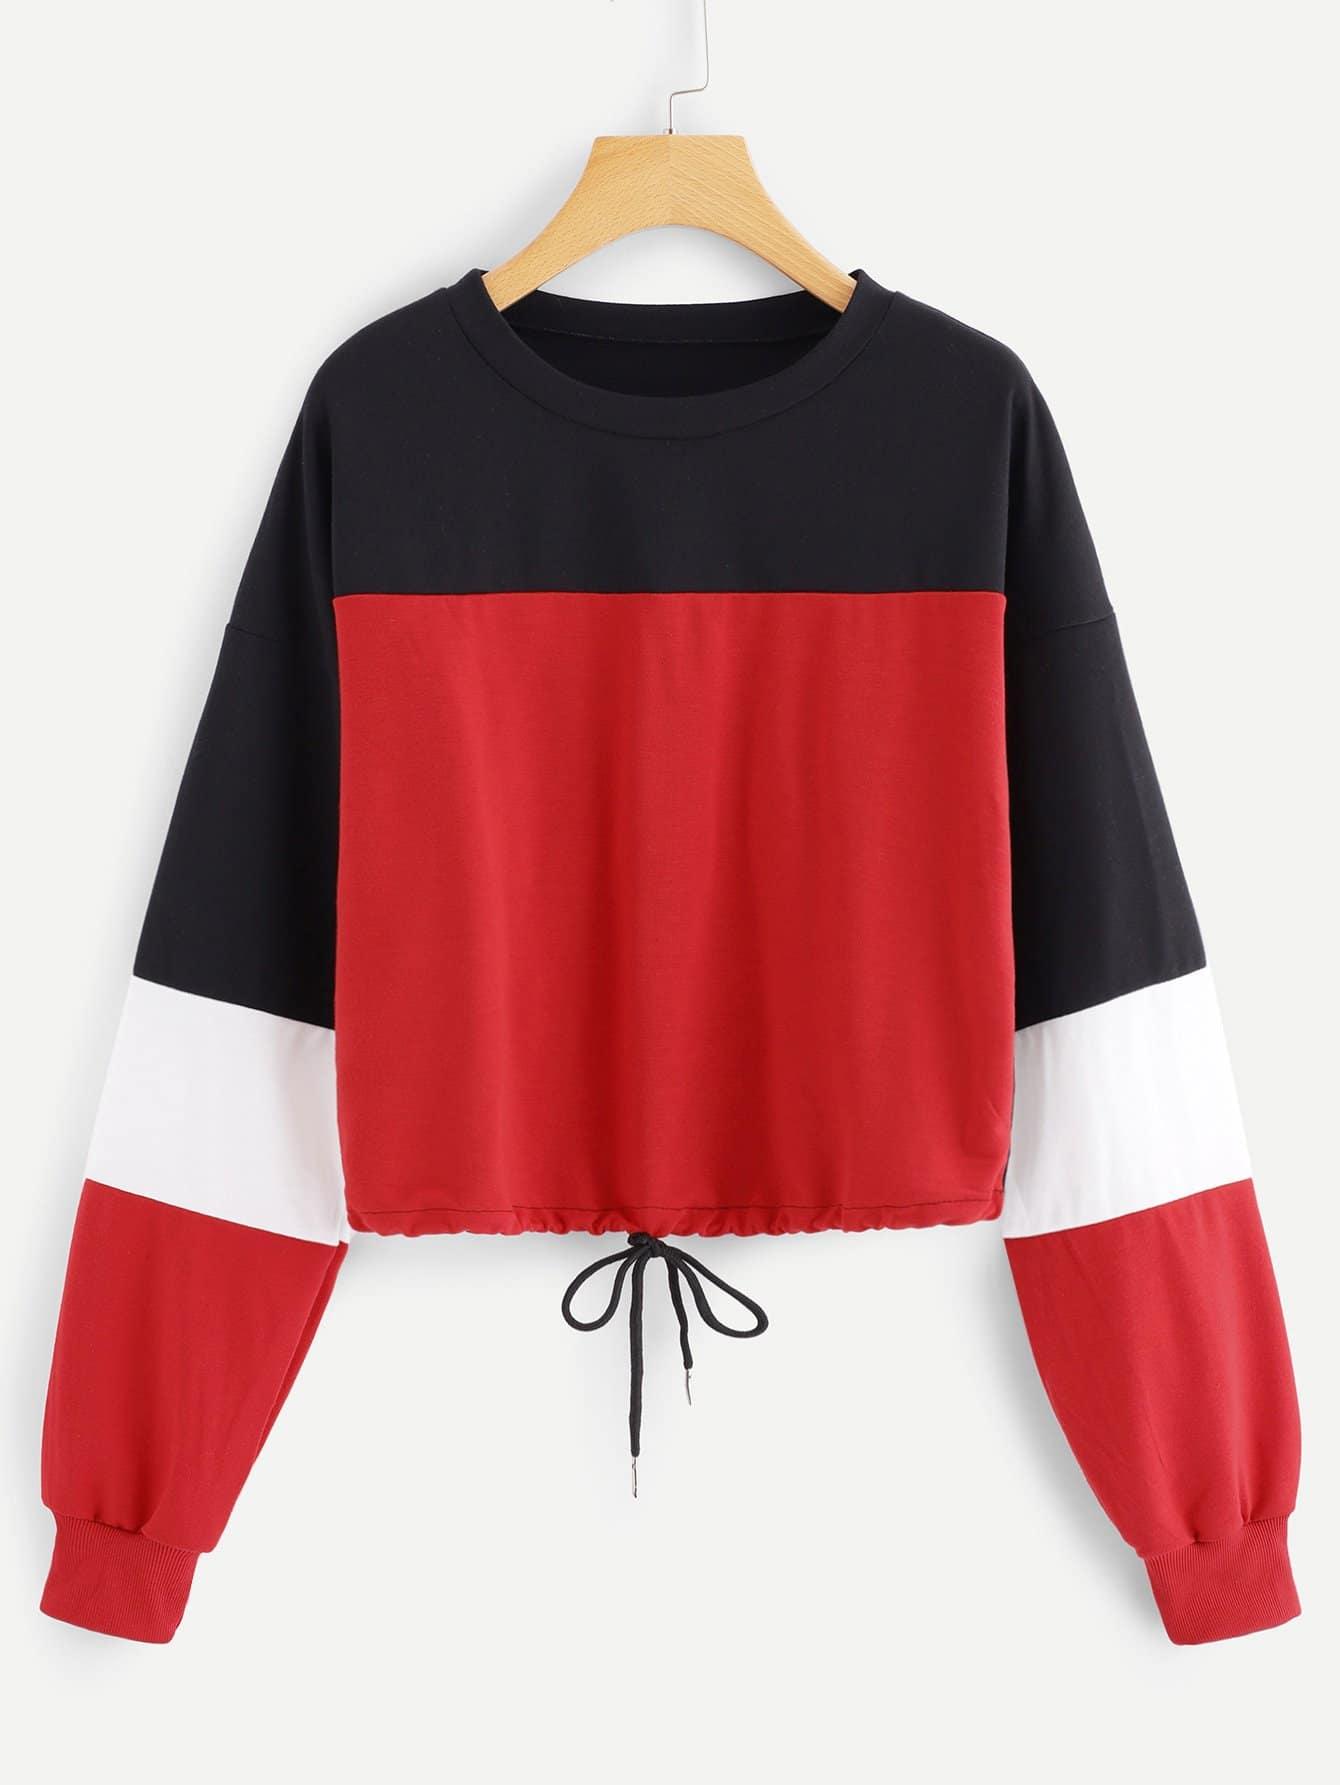 Купить Повседневный Вставка на кулиске Пуловеры Многоцветный Свитшоты, null, SheIn